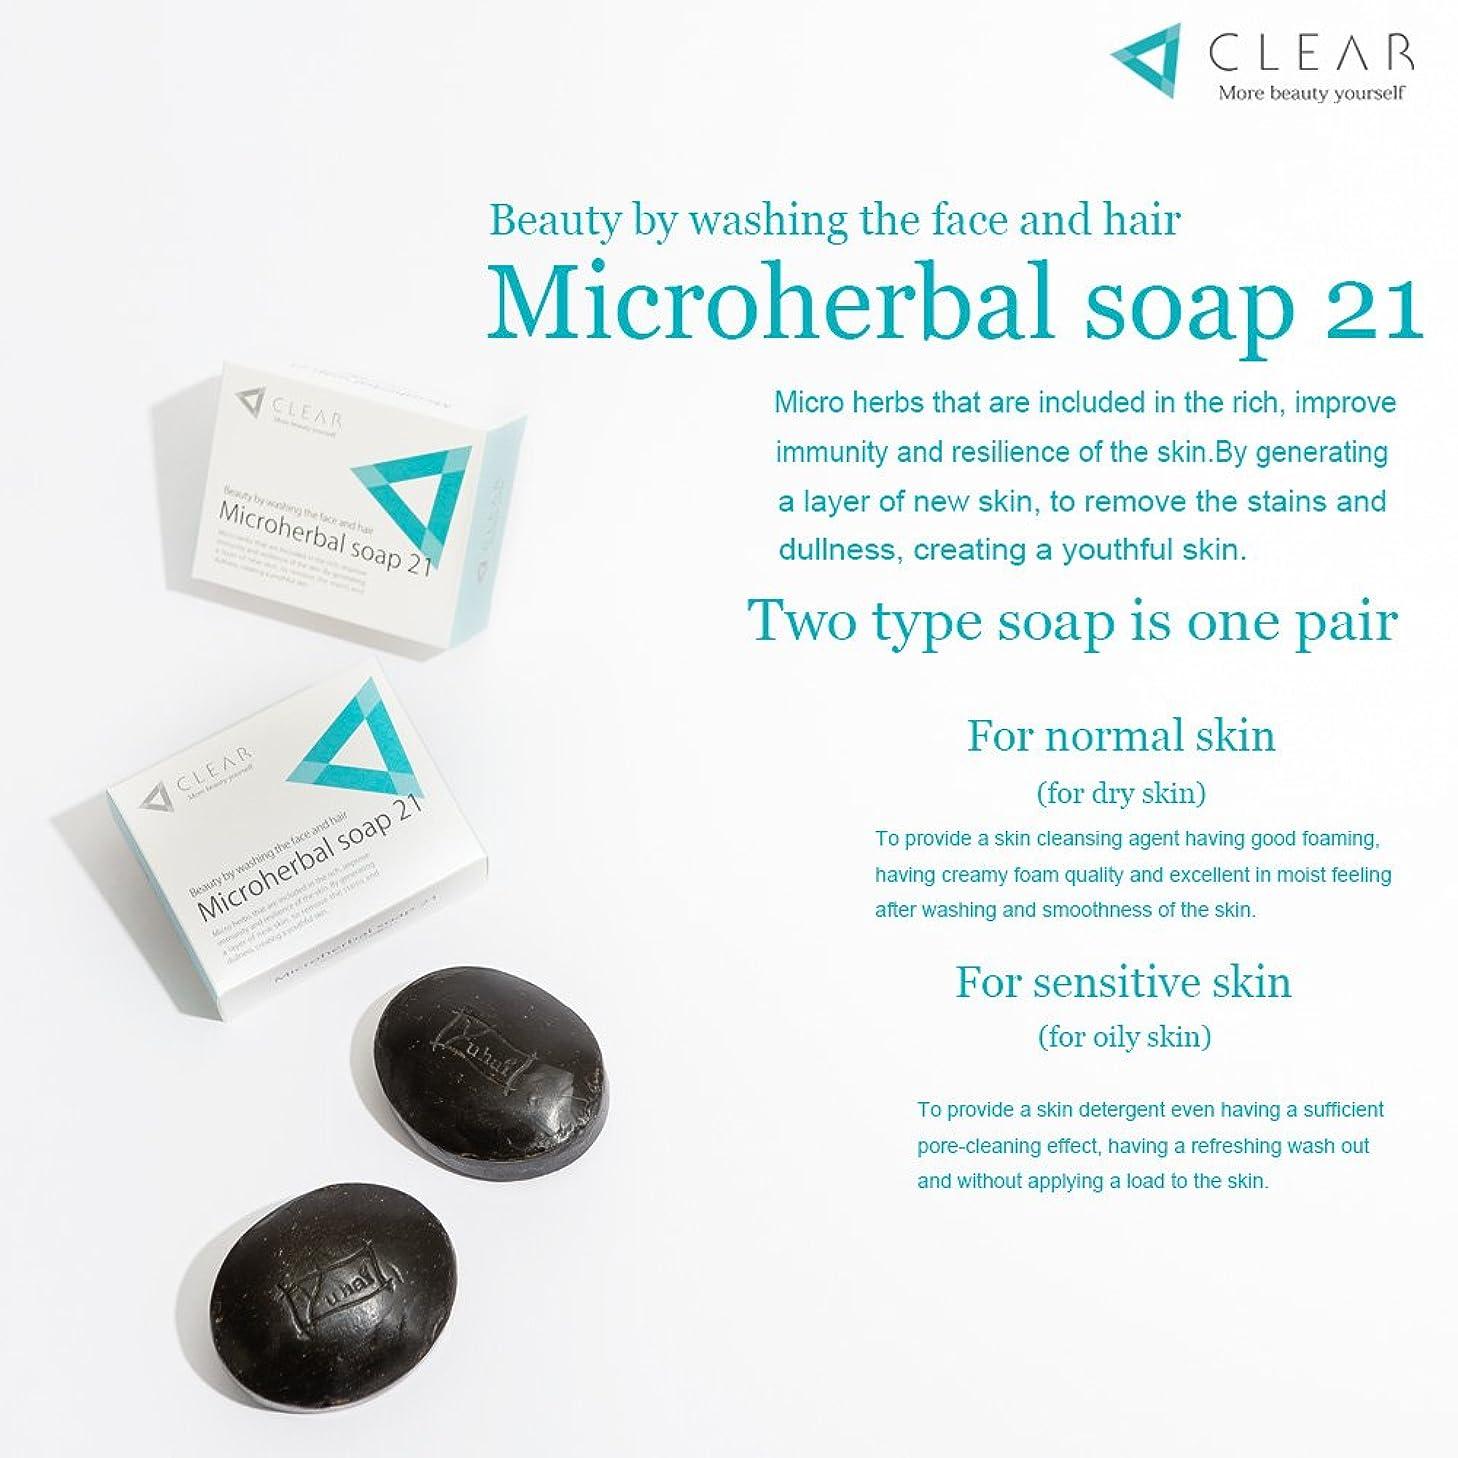 蜜有害前提条件マイクロハーブ石鹸21?普通肌1個?敏感肌1個 合計2個(普通肌???美肌?しっとり肌のために/敏感肌???やさしくすっきり肌へ)